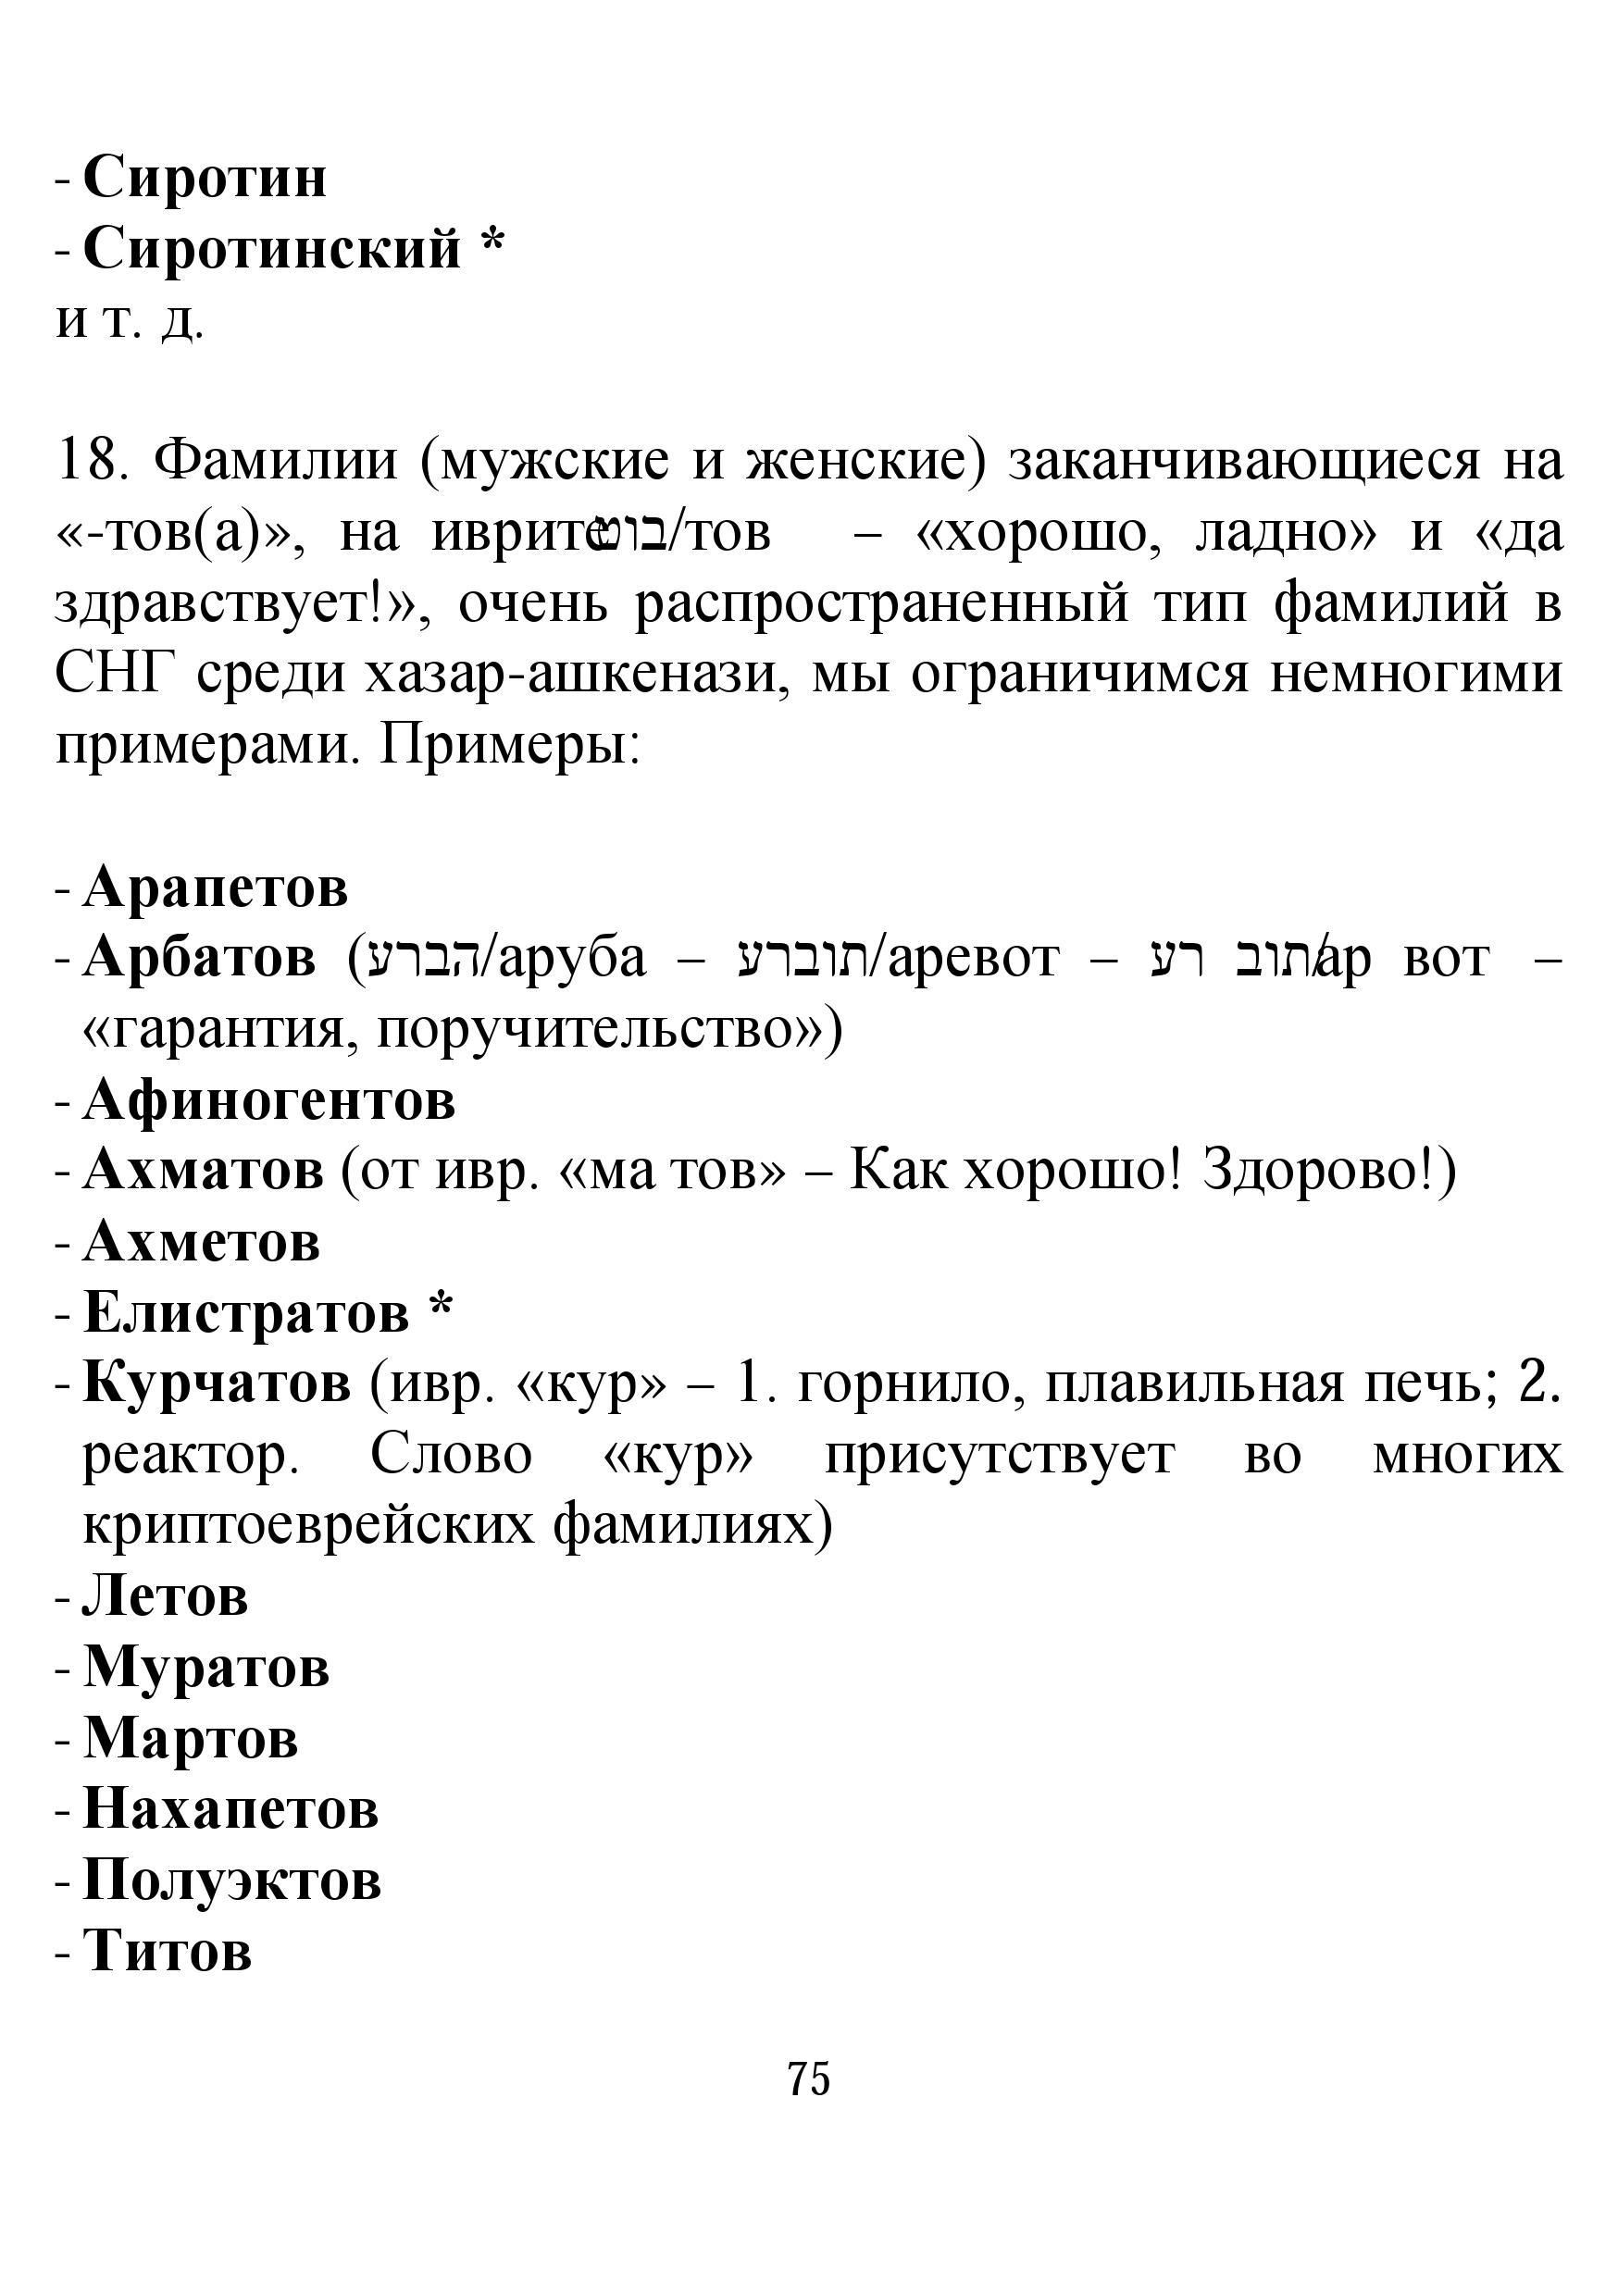 http://s3.uploads.ru/4CgGO.jpg